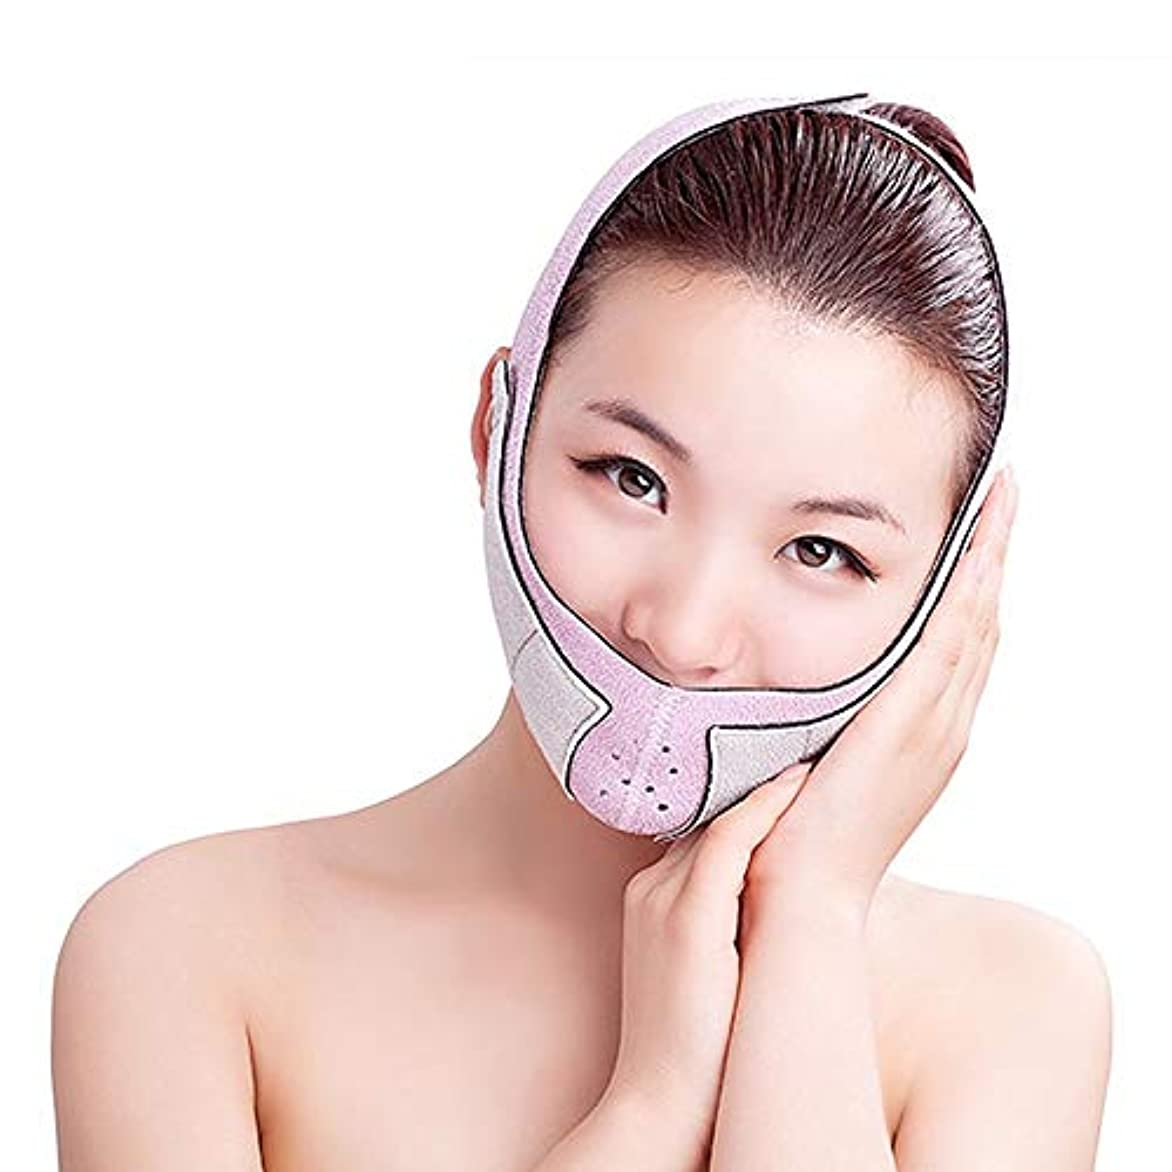 休眠開始着実に薄い顔のベルト - 薄い顔のベルト通気性の補正3D薄い顔のV顔のベルトの包帯薄い顔のアーティファクト 美しさ (色 : B)